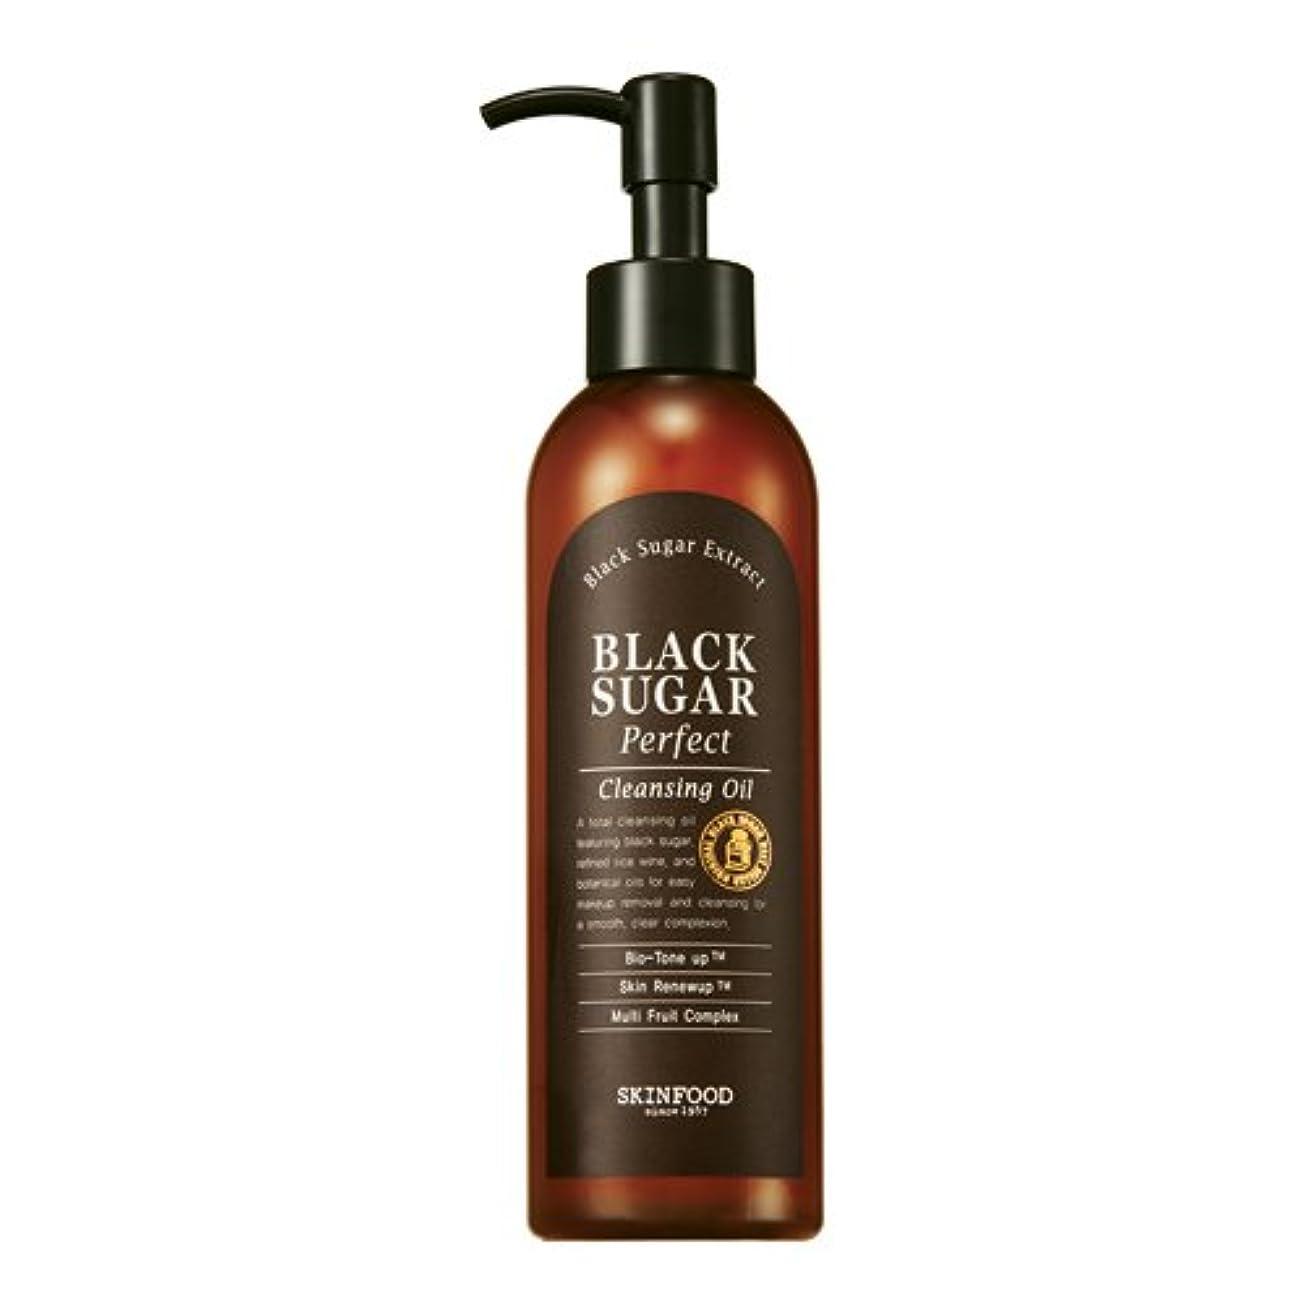 ハロウィンキャッシュターゲットSkinfood/Black Sugar Perfect Cleansing Oil/ブラックシュガーパーフェクトクレンジングオイル/200ml [並行輸入品]